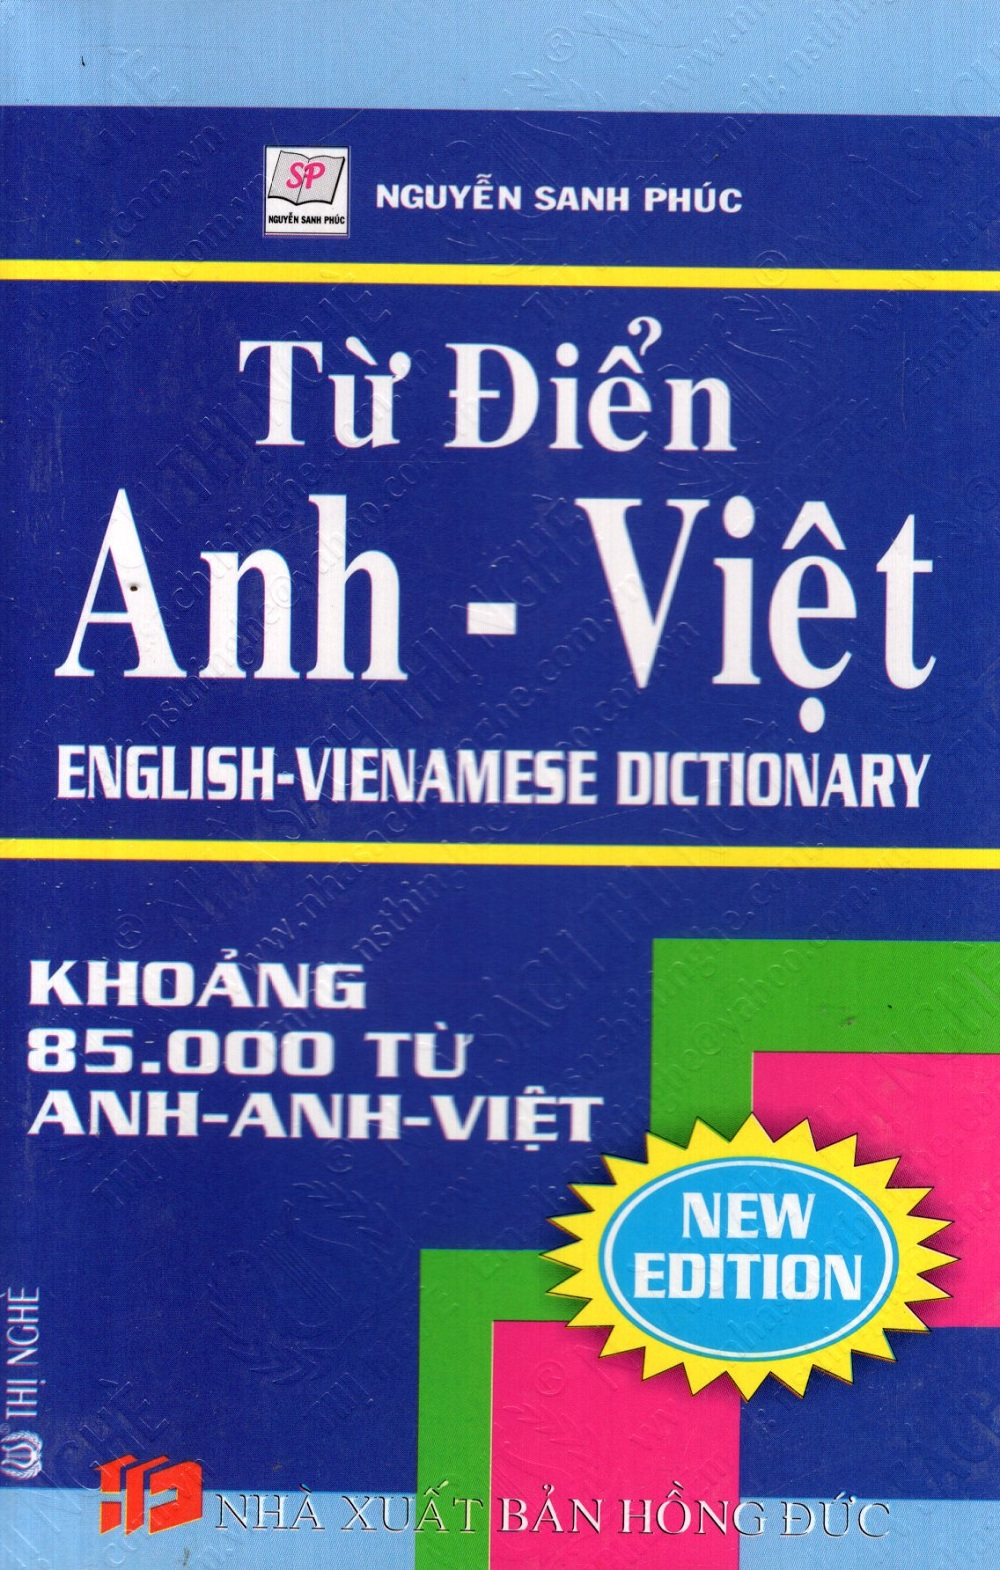 Bìa sách Từ Điển Anh - Việt (Khoảng 85.000 Từ) - Sách Bỏ Túi